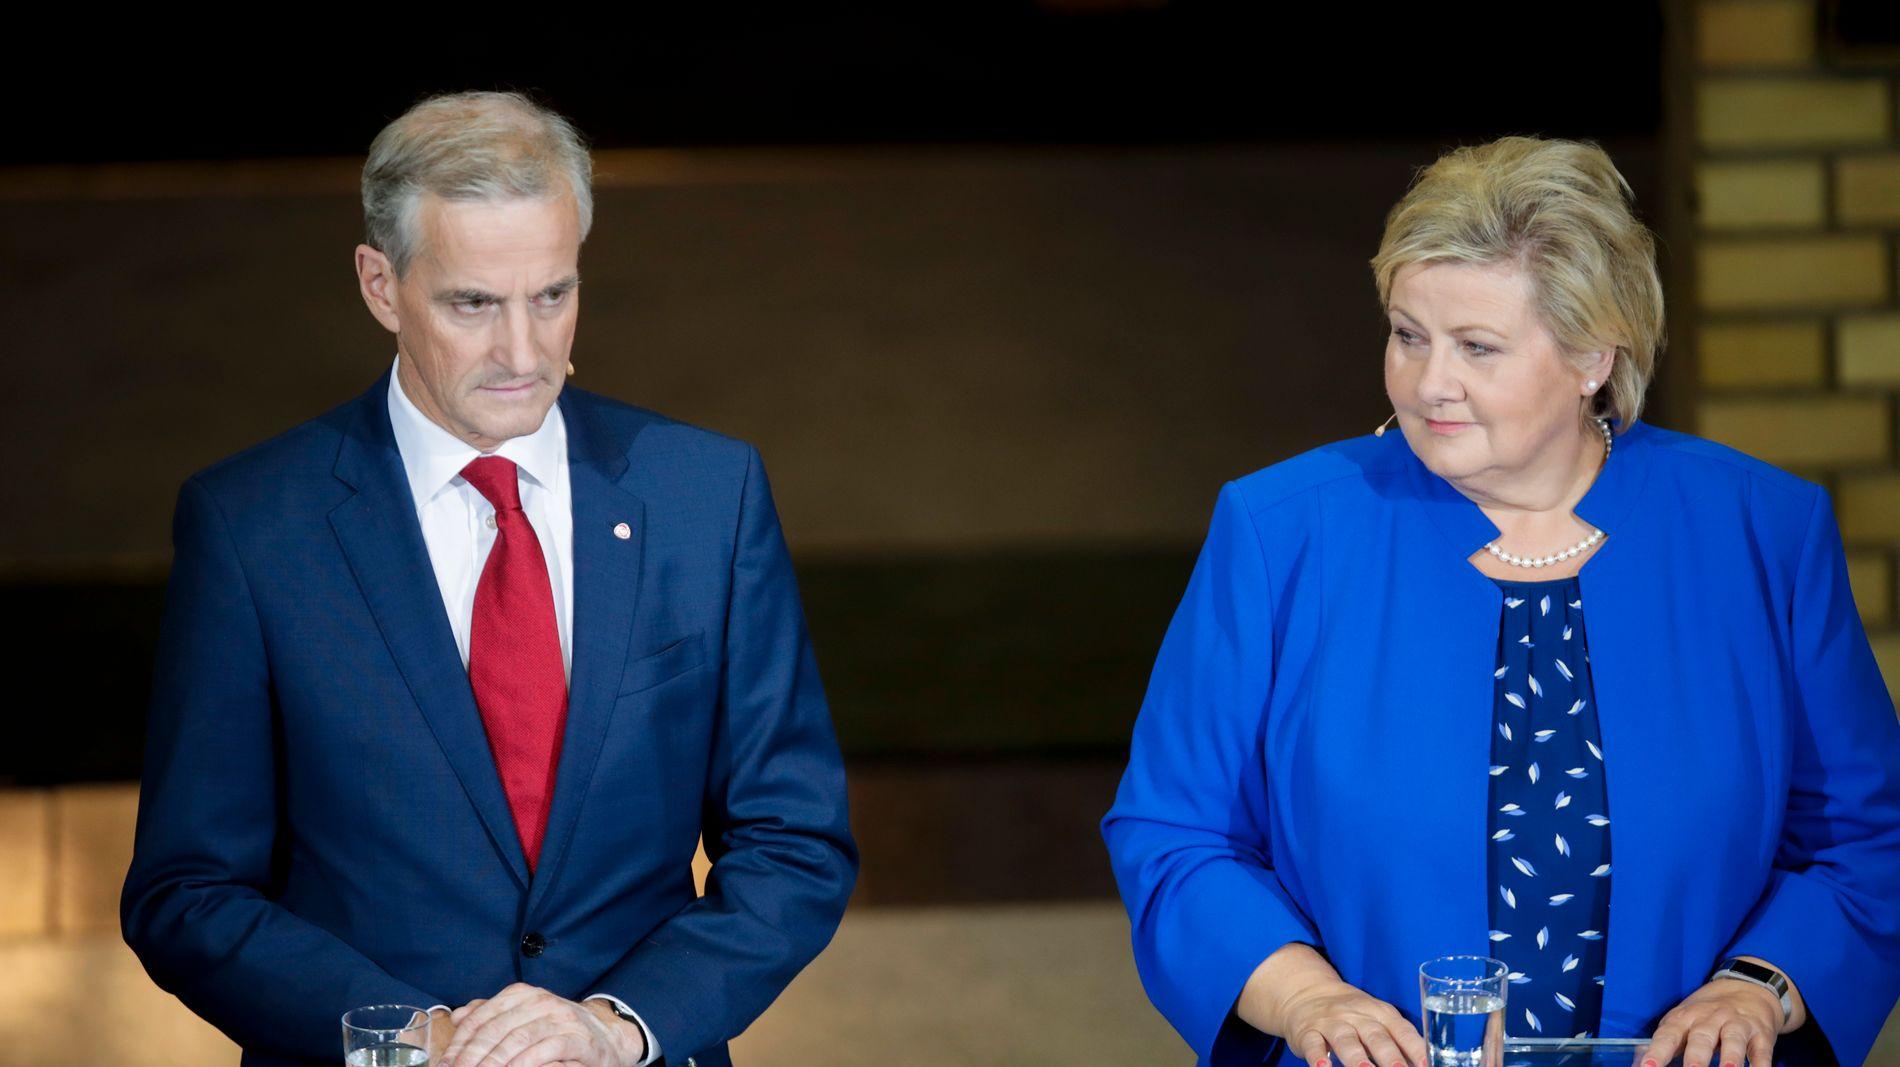 SVAKT: Partiene til AP leder Jonas Gahr Støre og statsminister Erna Solberg (H) gjorde et svakt kommunevalg. Tilbakegangen gjør at flere partier må søke sammen for å få flertall i kommunestyrene.